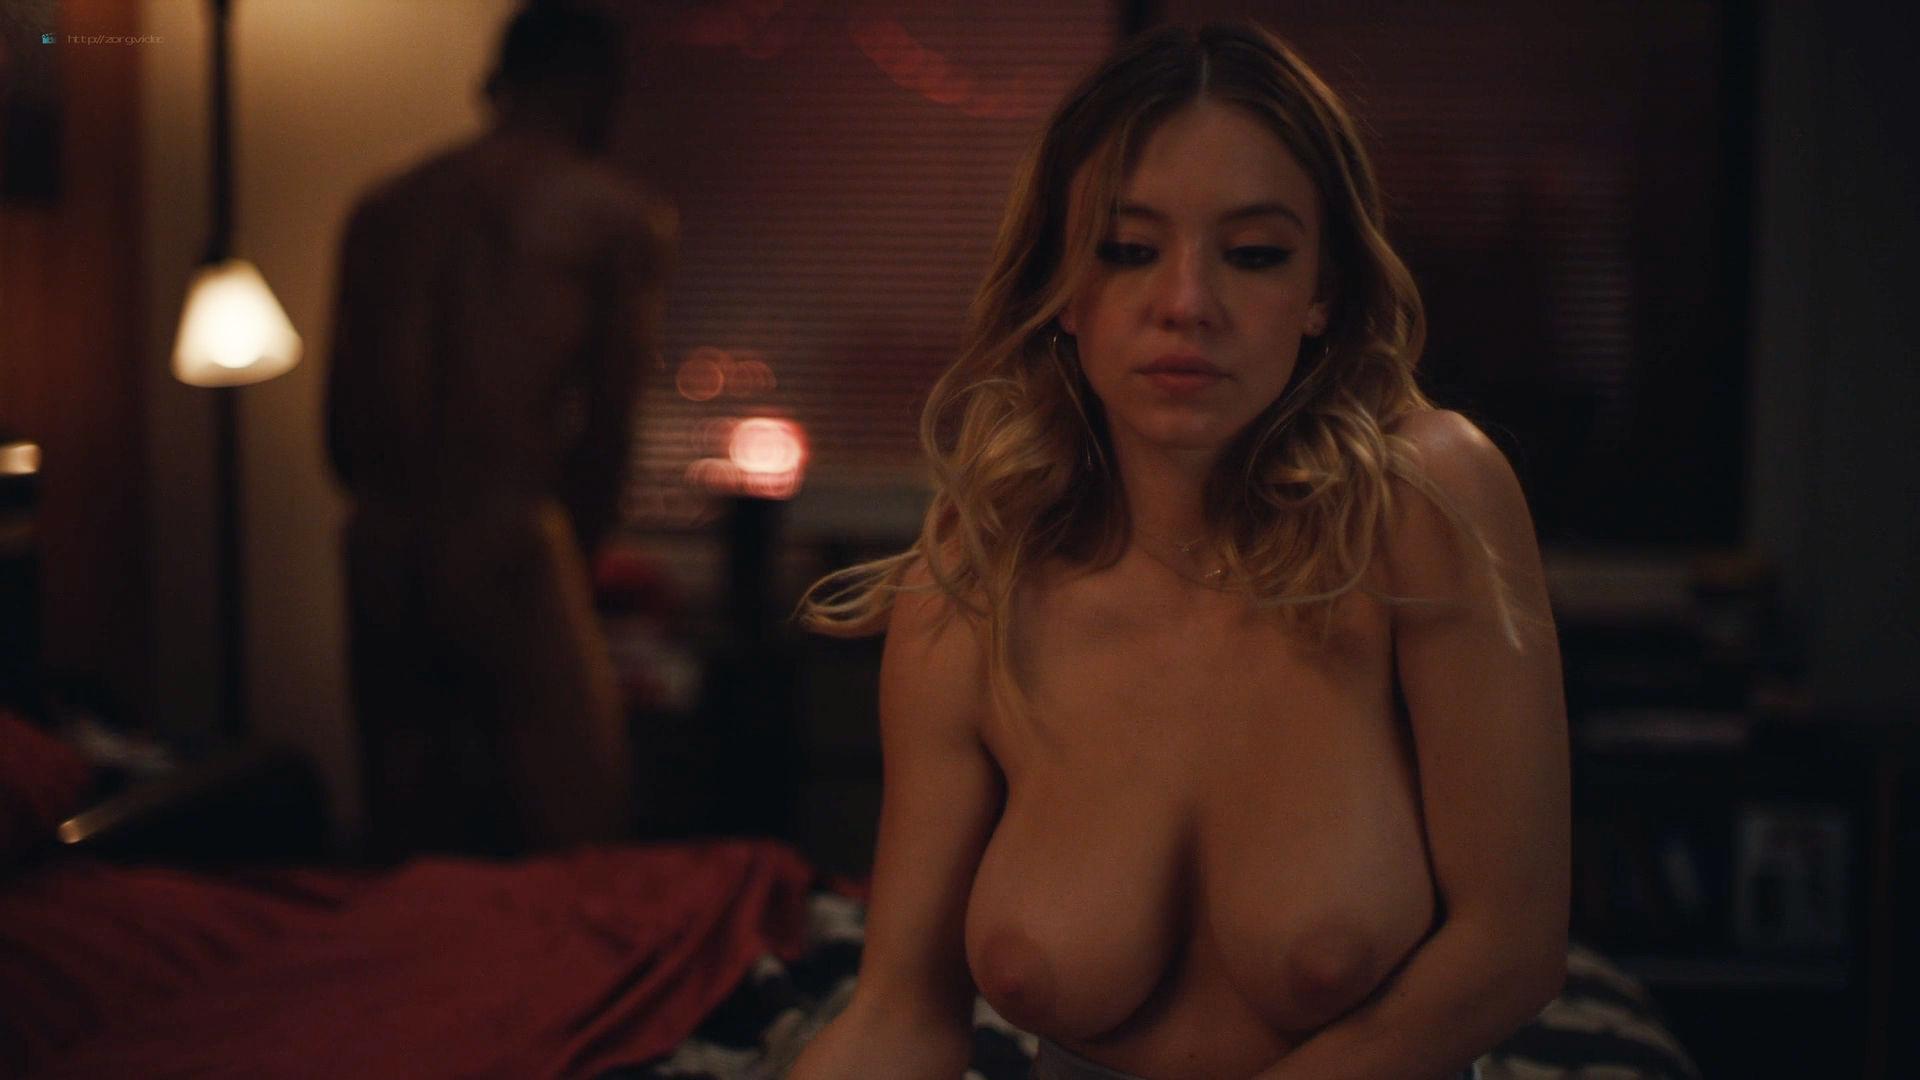 Sydney Sweeney nude sex Alexa Demie topless - Euphoria (2019) HD1080p (19)